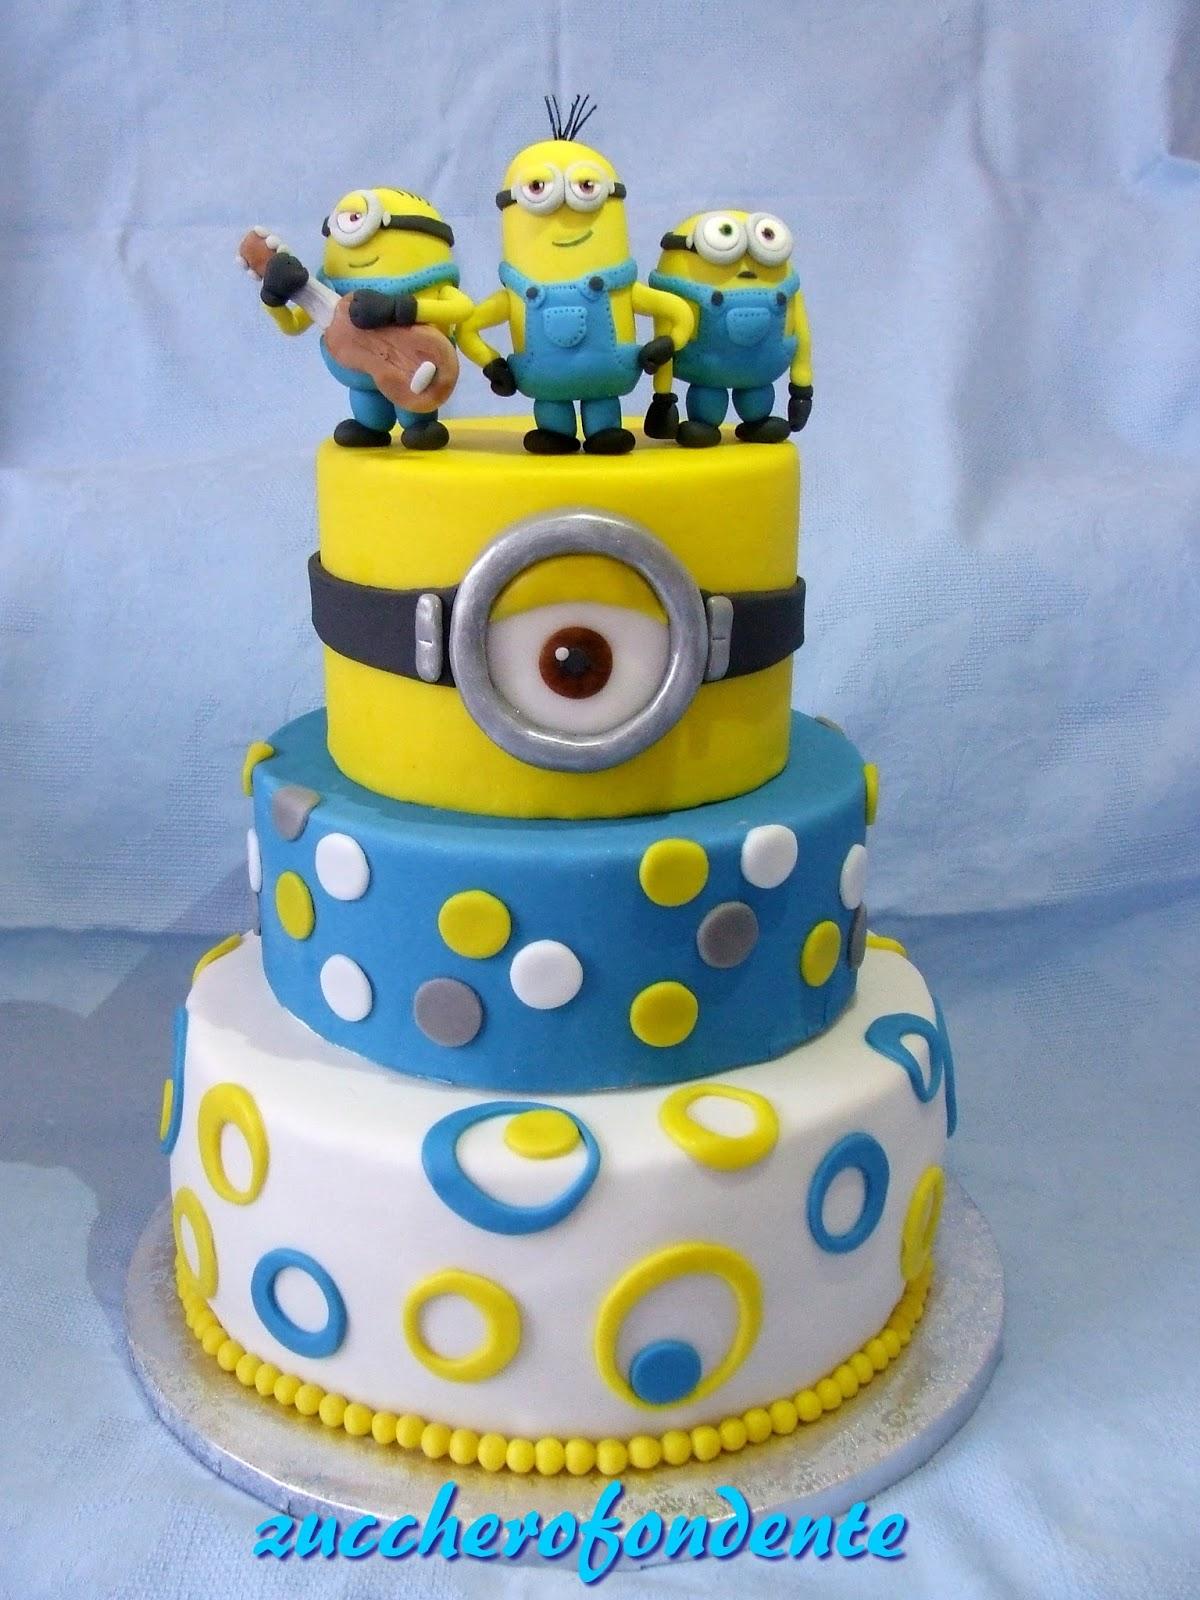 Torte per compleanno minions